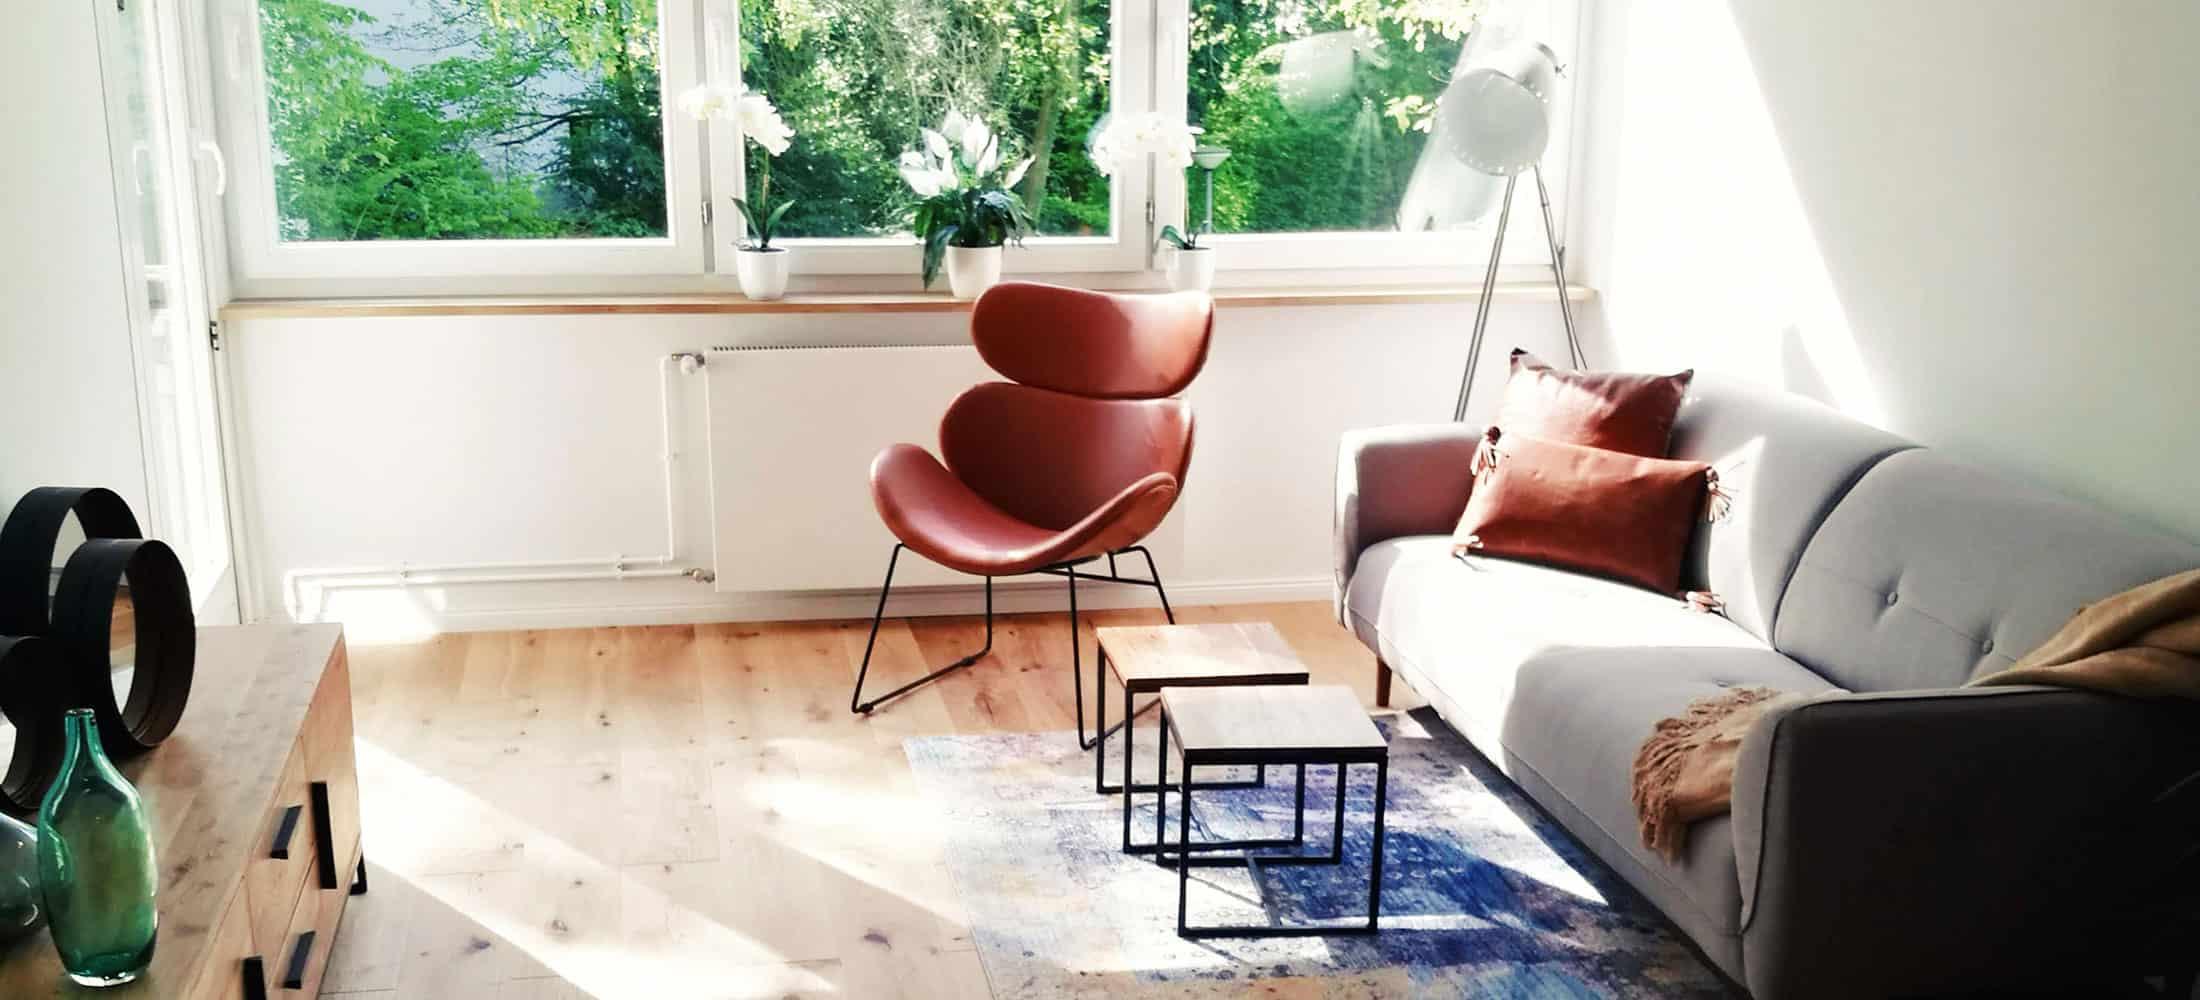 Wohnung Hamburg Ankauf ohne Makler